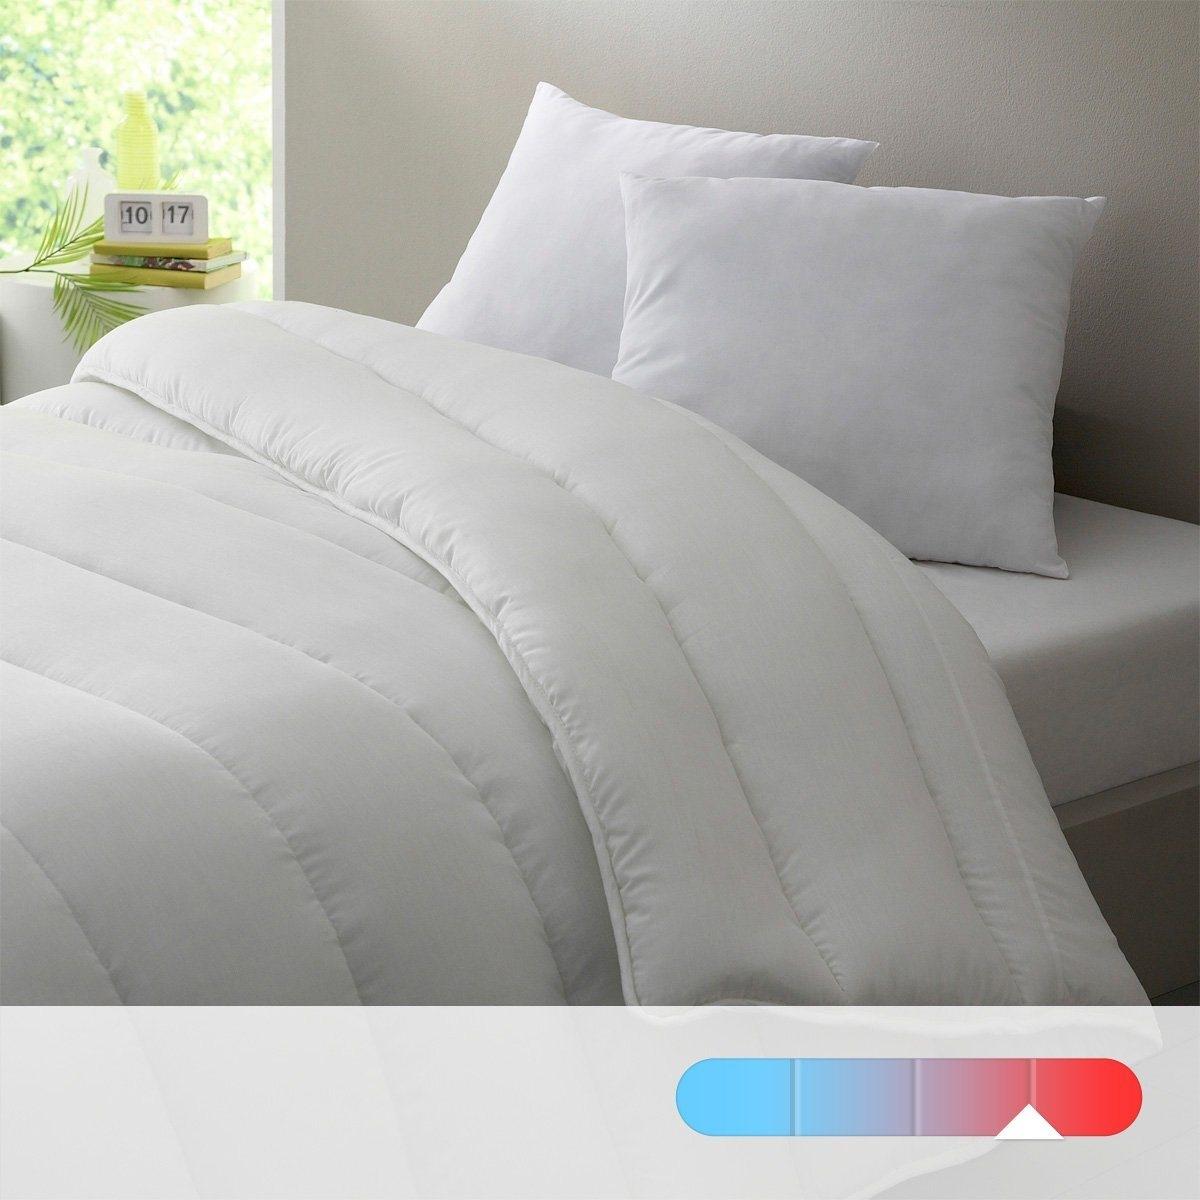 Oдеяло LA REDOUTE CREATION, 500  г/м?Одеяло. 100% полиэстера, полые силиконизированные волокна для большего комфорта. Прекрасное соотношение цены и качества. Плотность: 500 г/м?. Теплое одеяло, идеально при температуре воздуха до 15-16°. Наполнитель: 100% полиэстер, полые силиконизированные волокна. Чехол: 100% полиэстер. Отделка кантом. Простежка по косой. Стирка при 30°.<br><br>Цвет: белый<br>Размер: 240 x 220  см